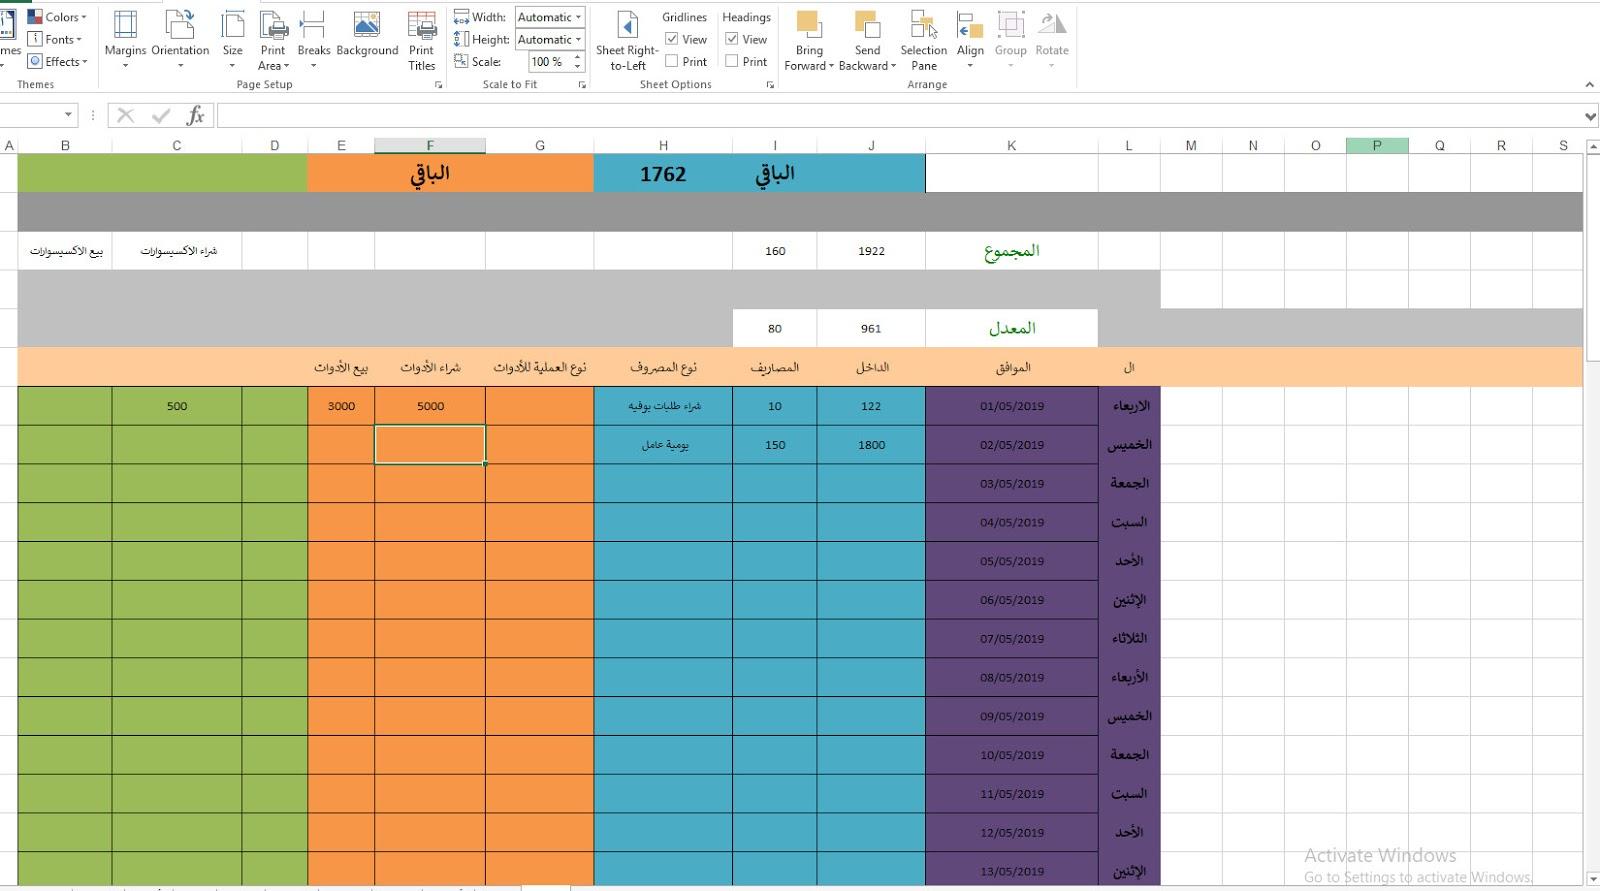 نموذج يومية مبيعات لمحل بالاكسل جاهزة Excel عرب ويب سوفت